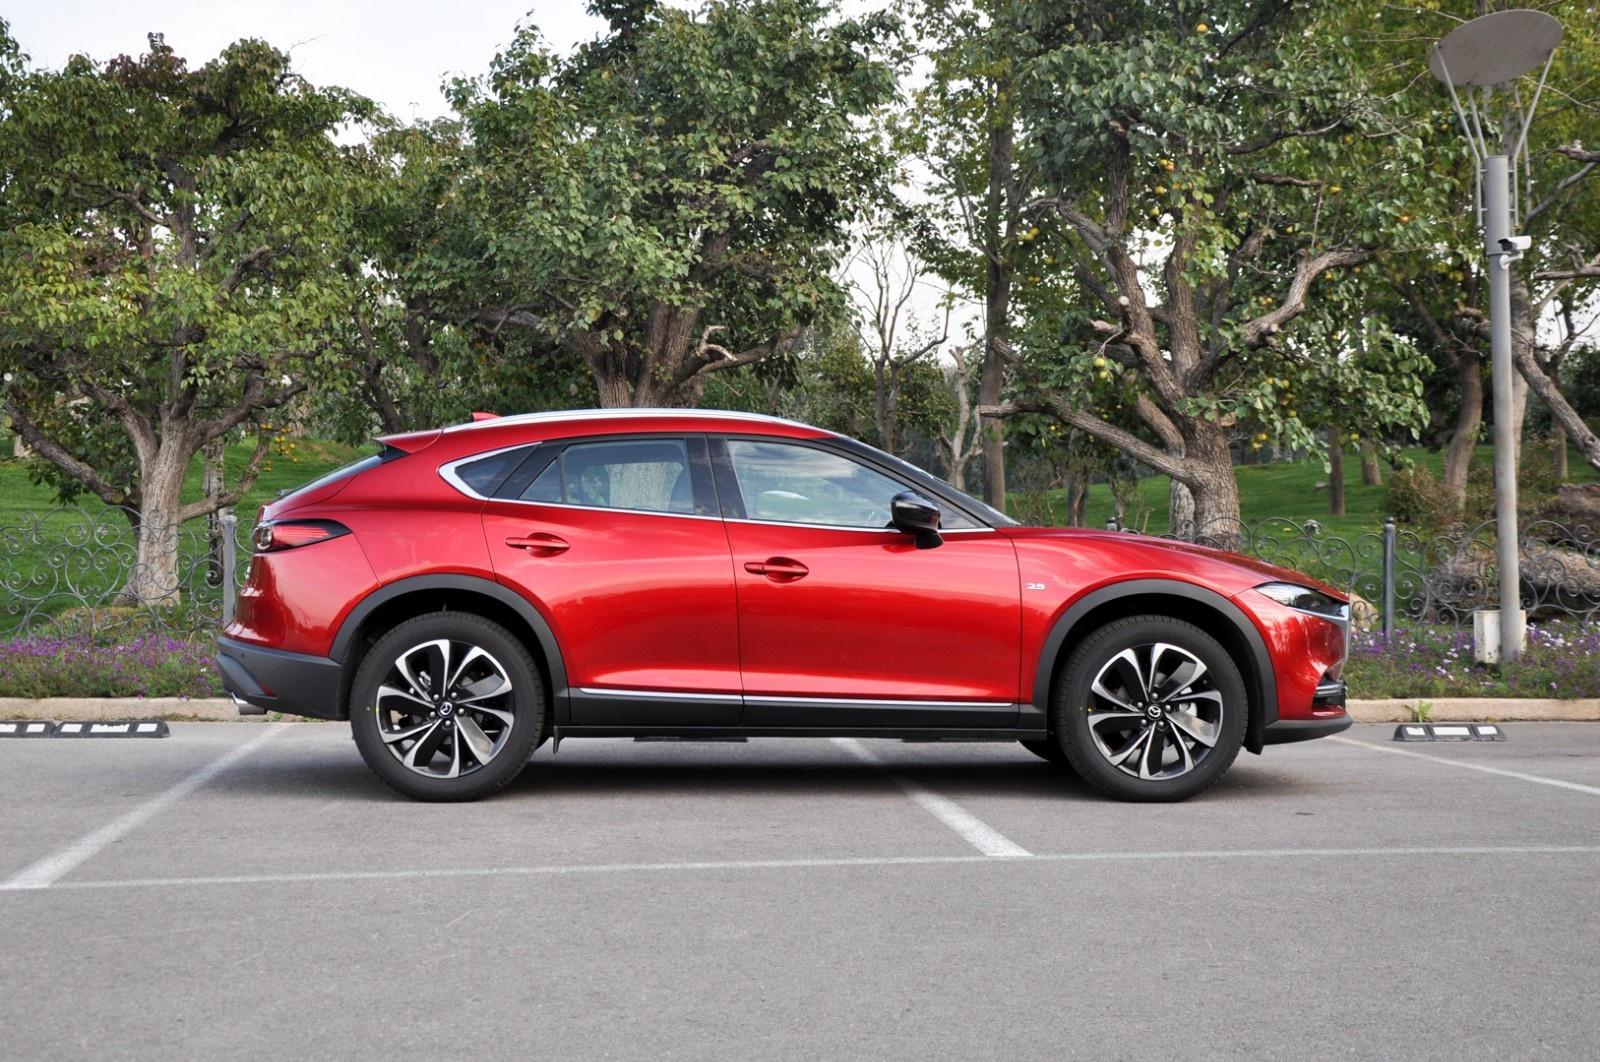 服役市场多年未见明显改变,一汽马自达CX-4是否还值得推荐?